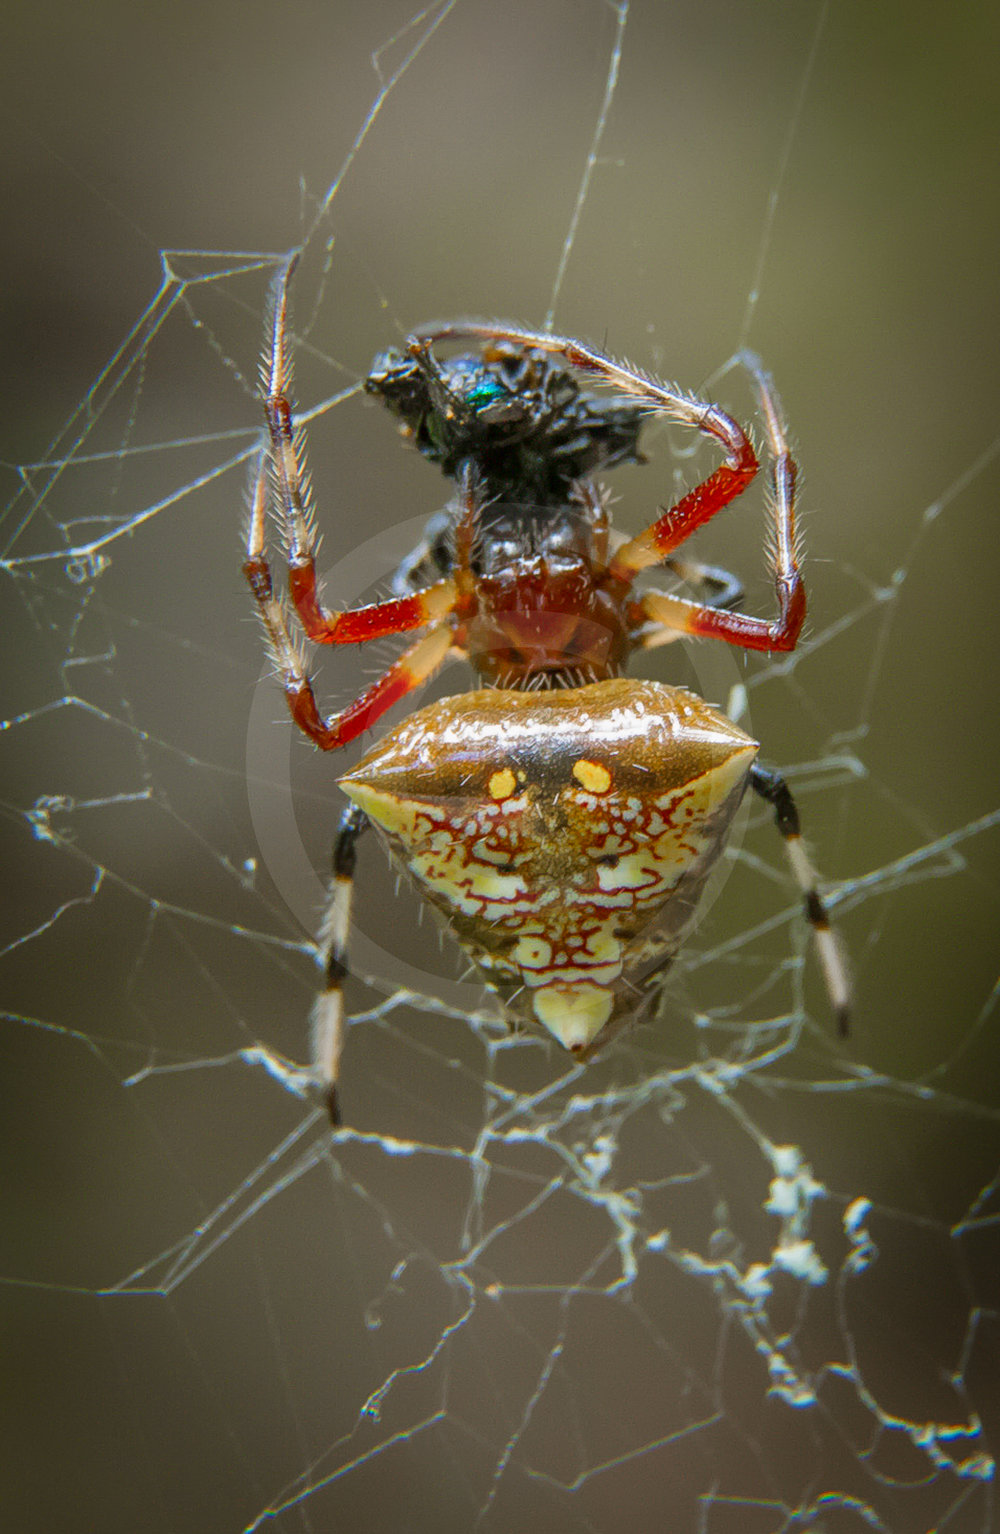 Arrowhead Spider